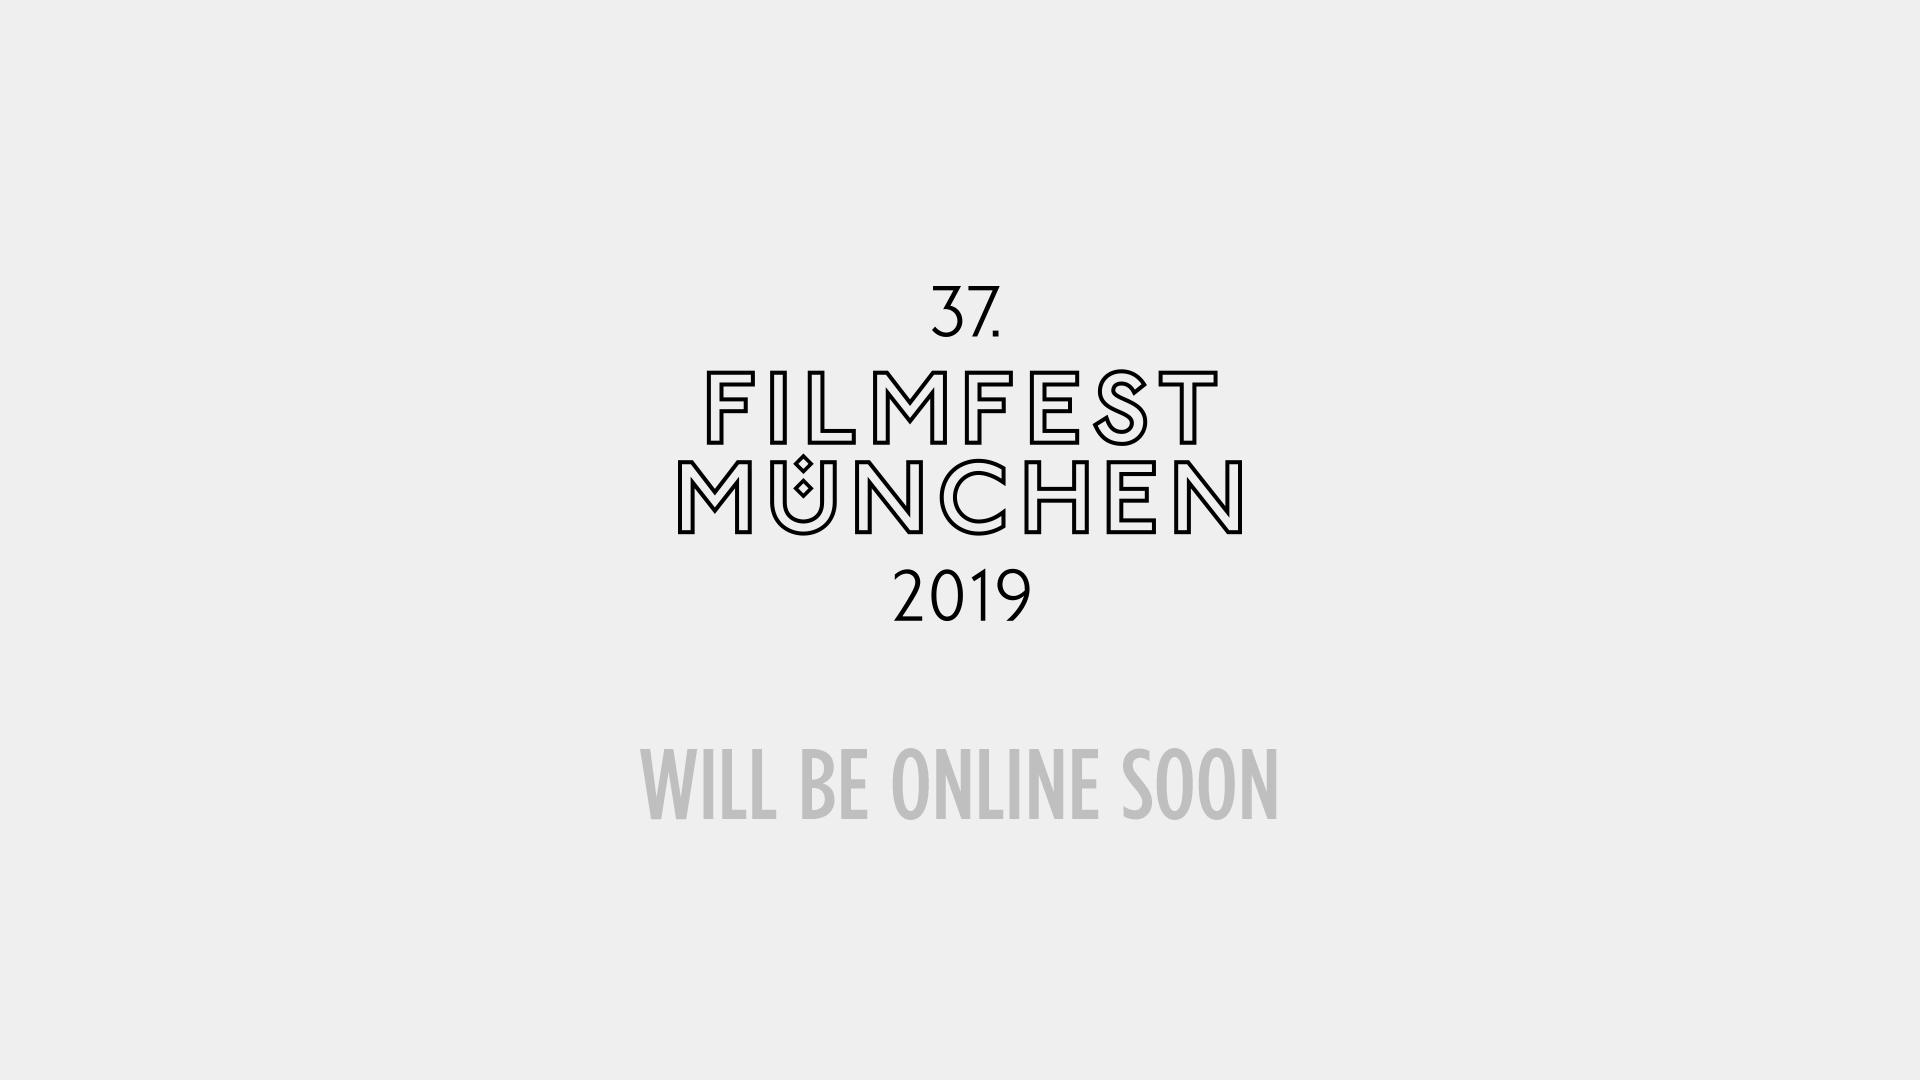 Filmfest-2019_Making-Of_VIMEO-Cover_1920x1080.jpg